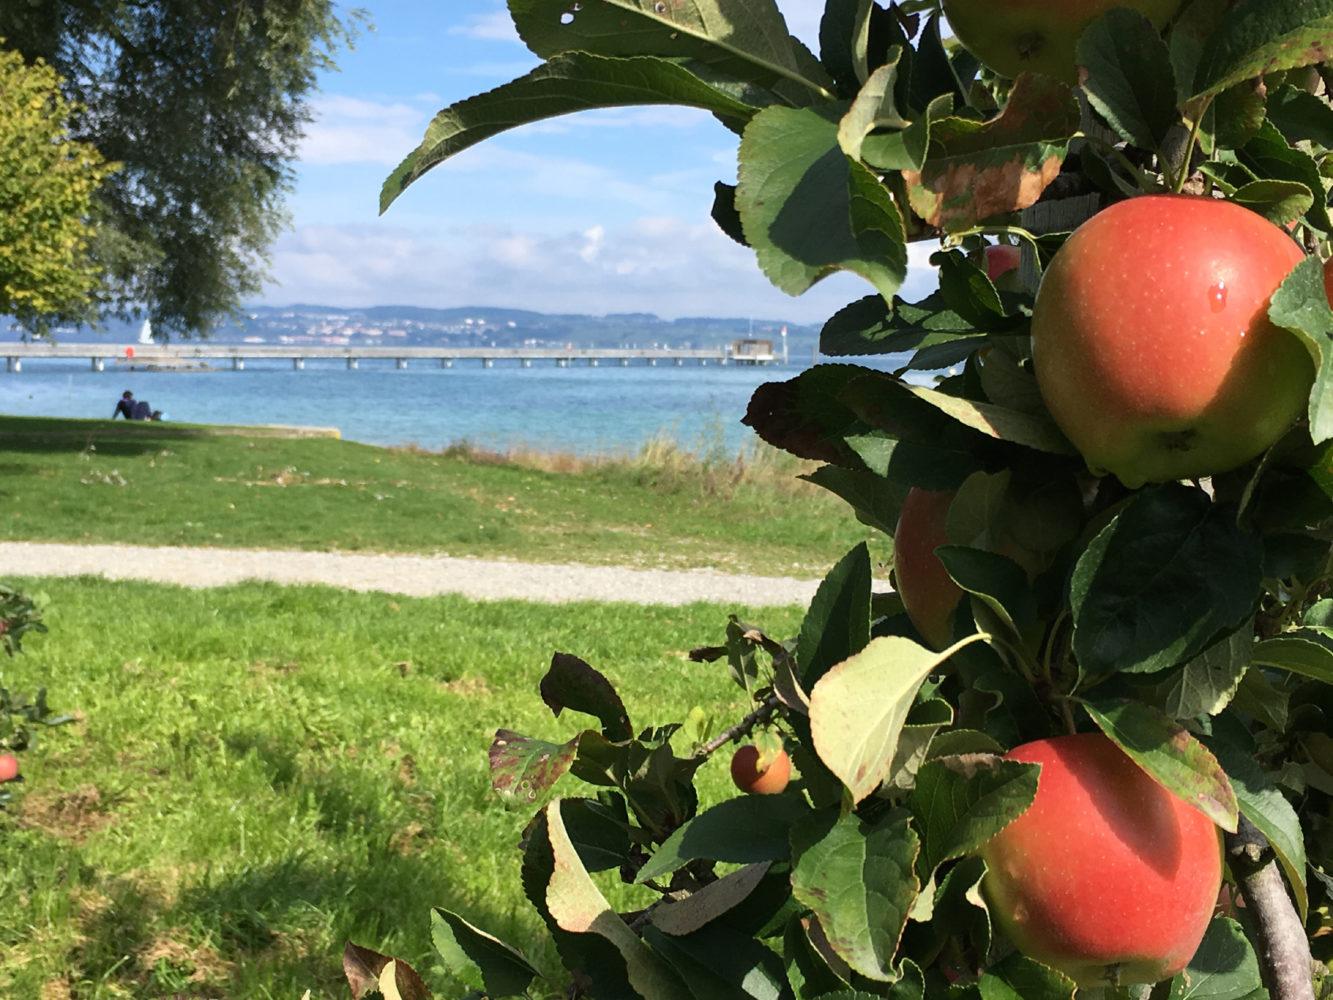 An den sanften Hügeln des Apfelkanton Thurgau feiert das Dörfchen Altnau während der Altnauer Apfelwochen bereits zum zwanzigsten Mal die Apfelernte. / Bild: Altnauer Apfelwochen